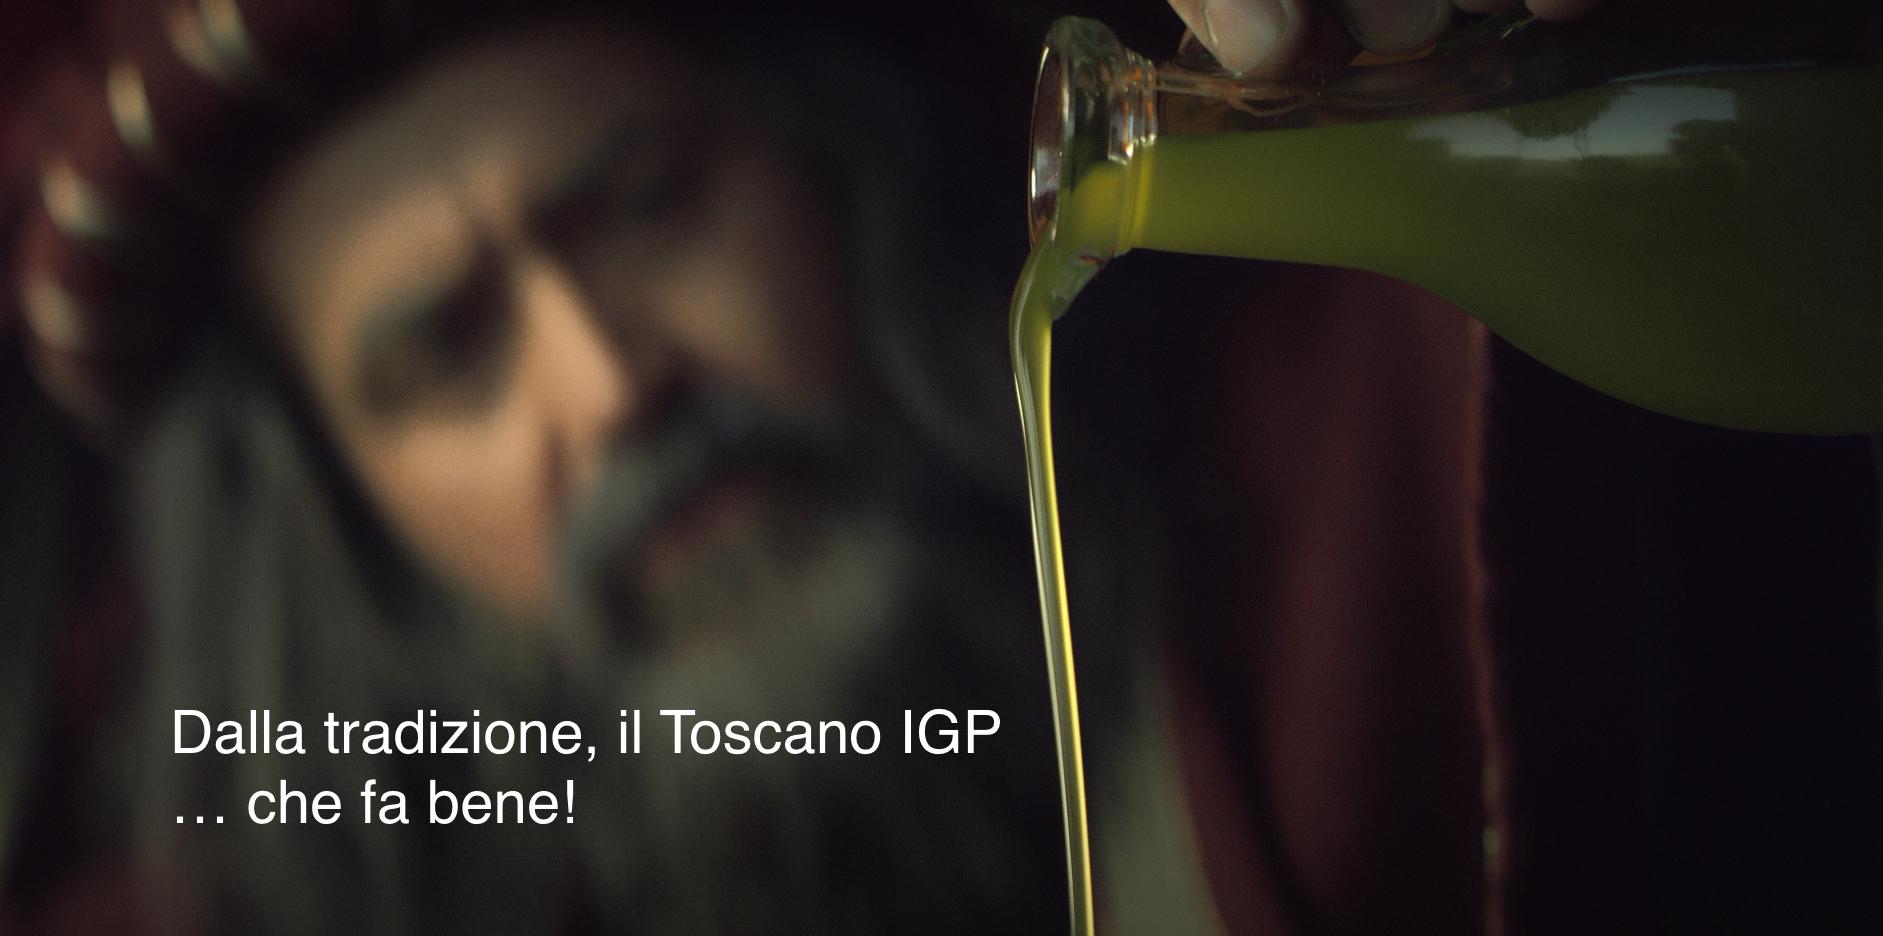 Olio tradizione toscana